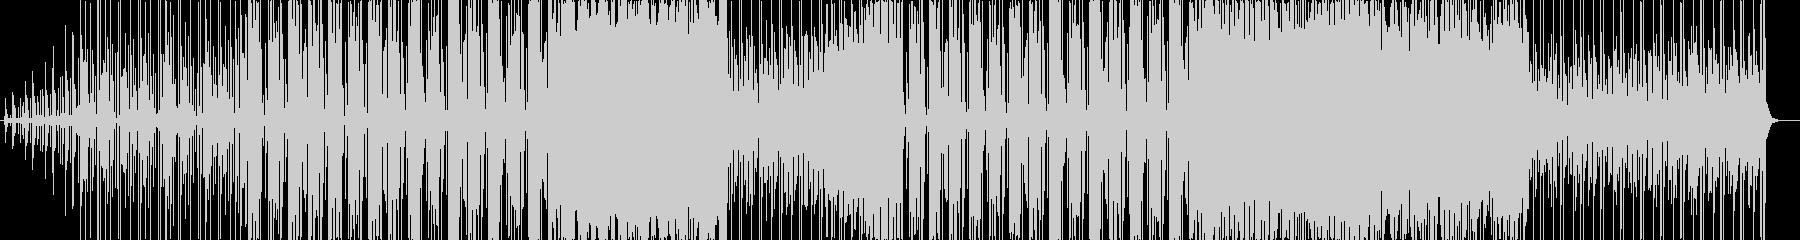 明るく爽やかなBGMの未再生の波形